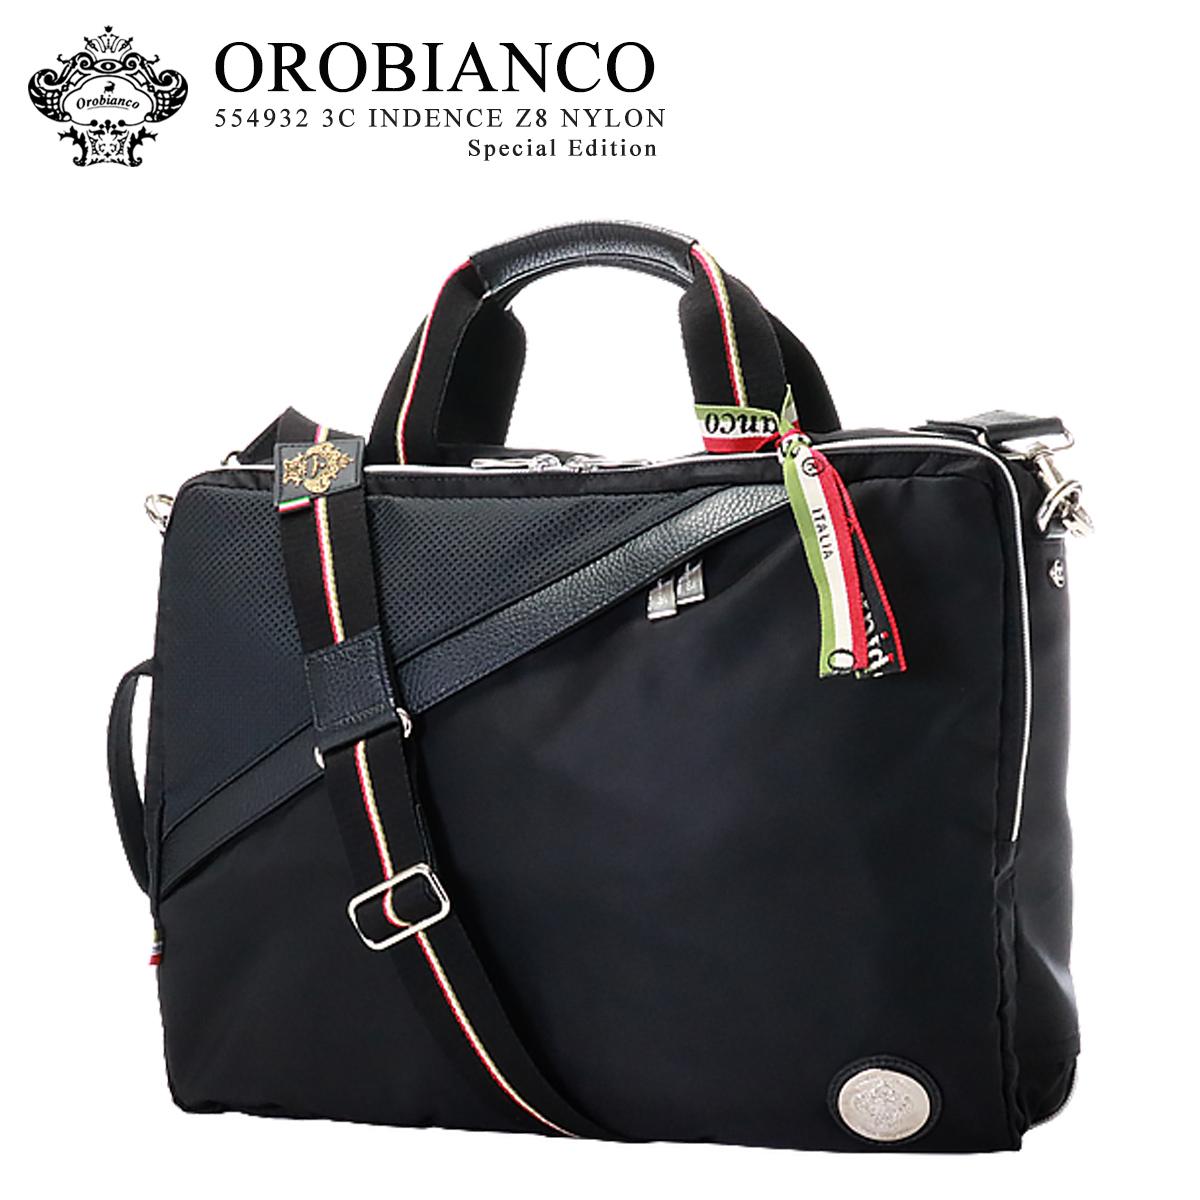 オロビアンコ ブリーフケース INDENNE-Z8 02 554932 OROBIANCO ショルダーバッグ リュック ビジネスバッグ メンズ